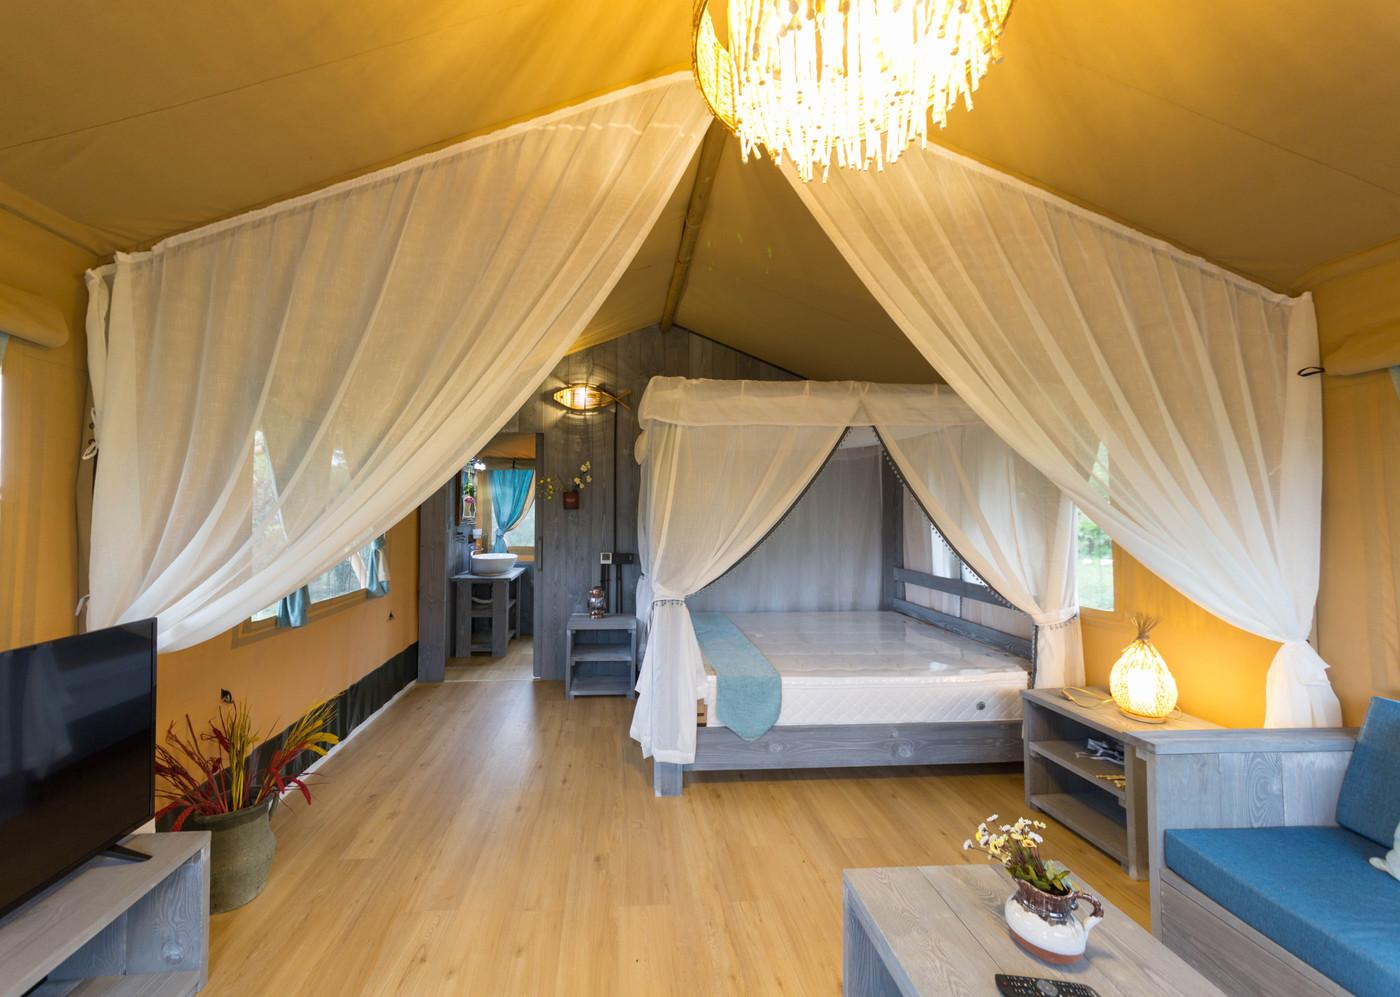 喜马拉雅野奢帐篷酒店—华山自驾游露营地(54平)19